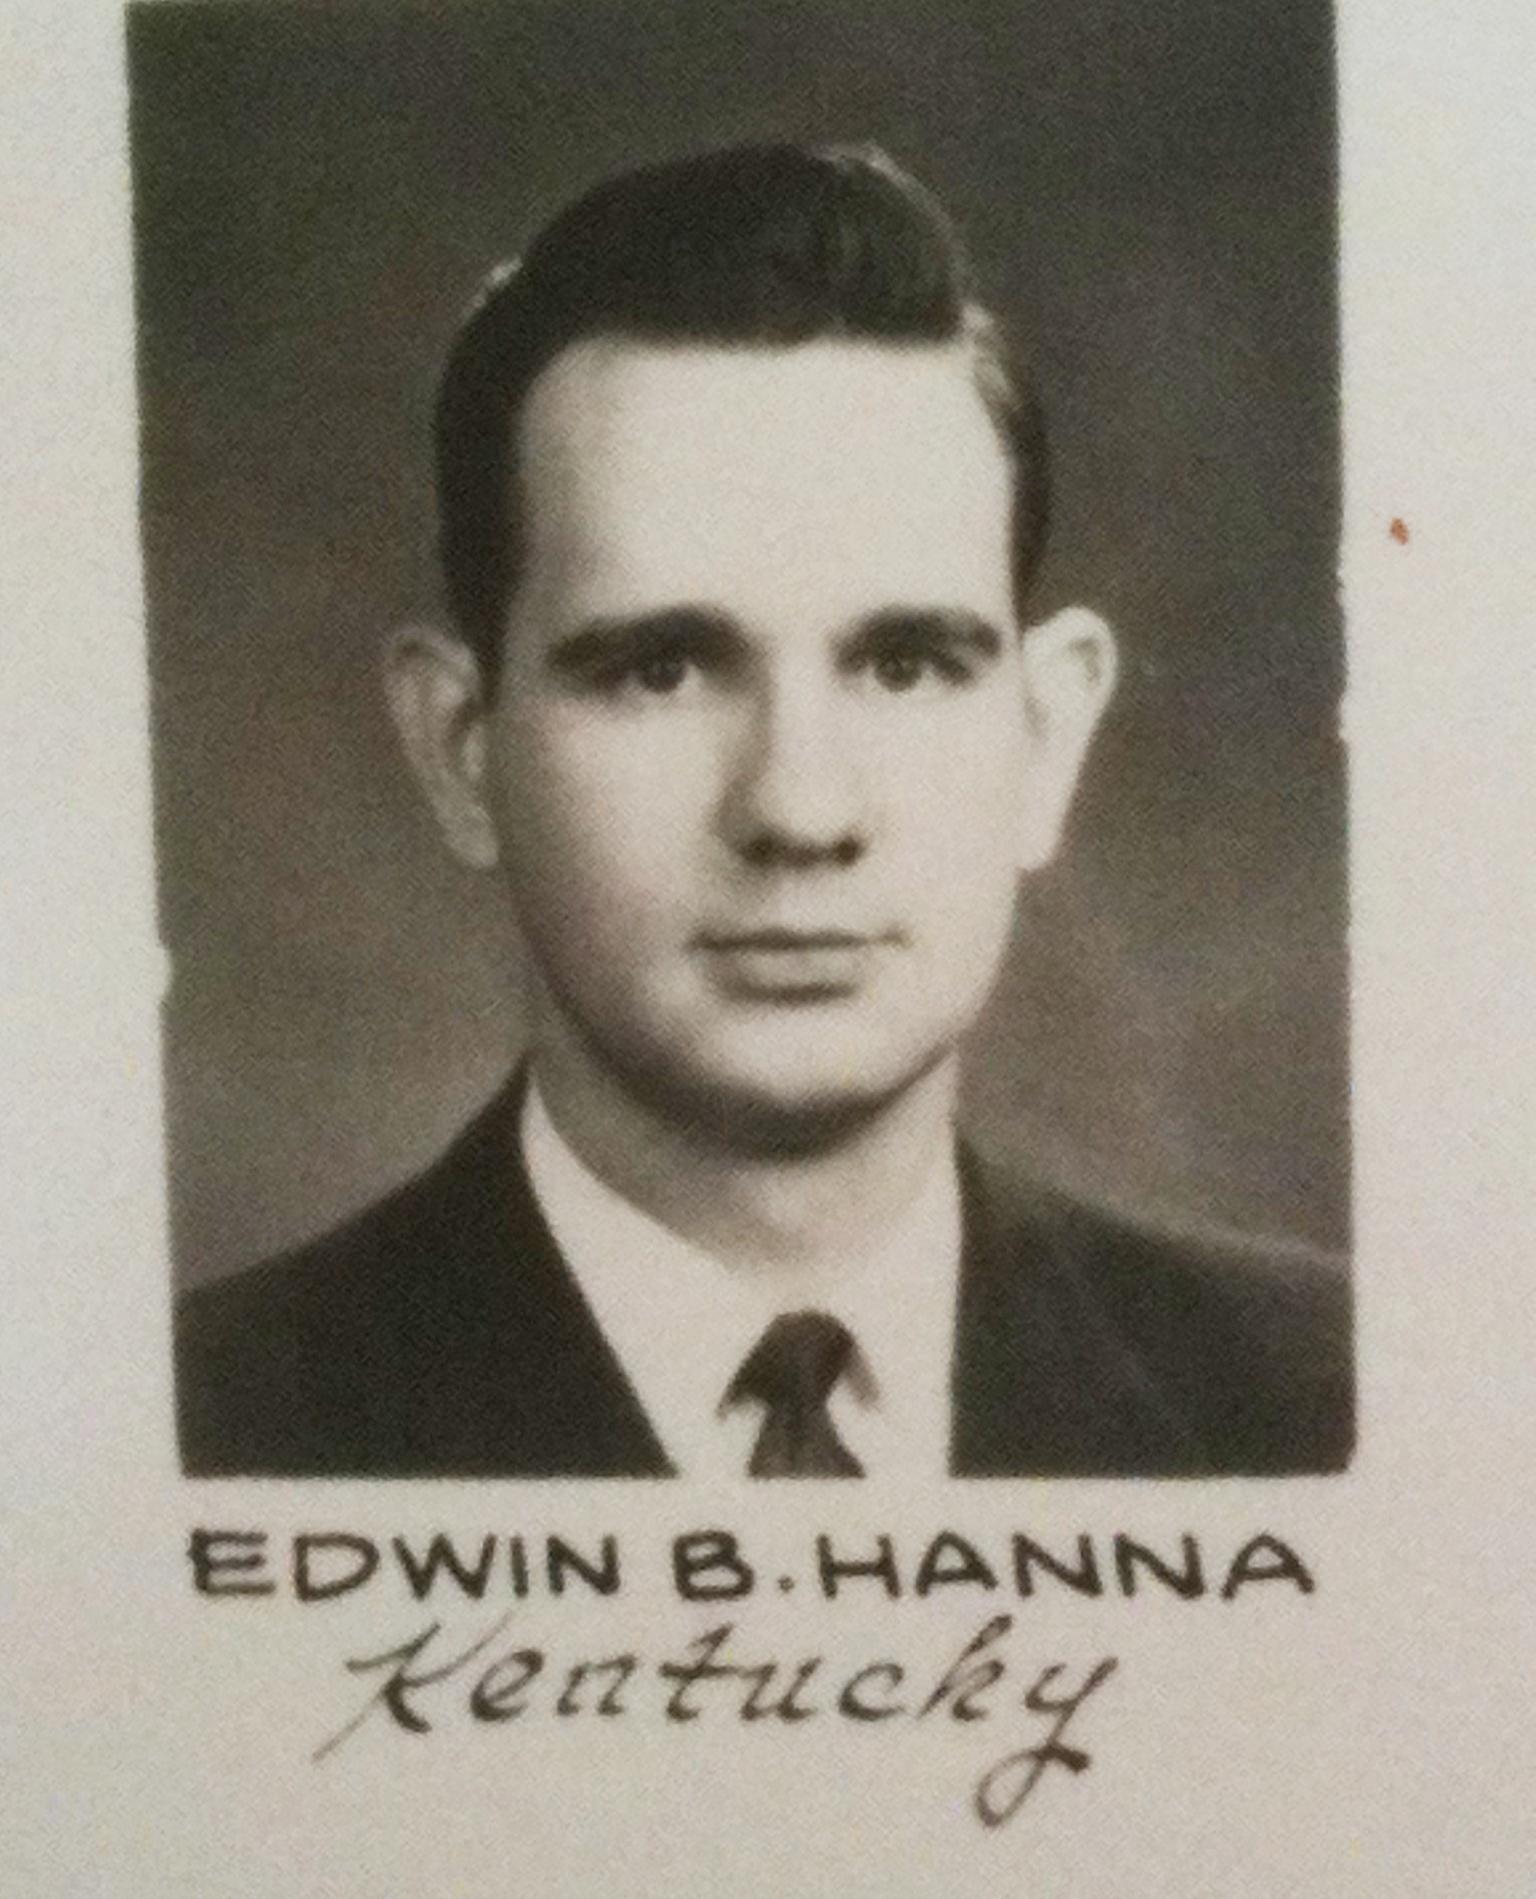 Edwin Bell Hanna